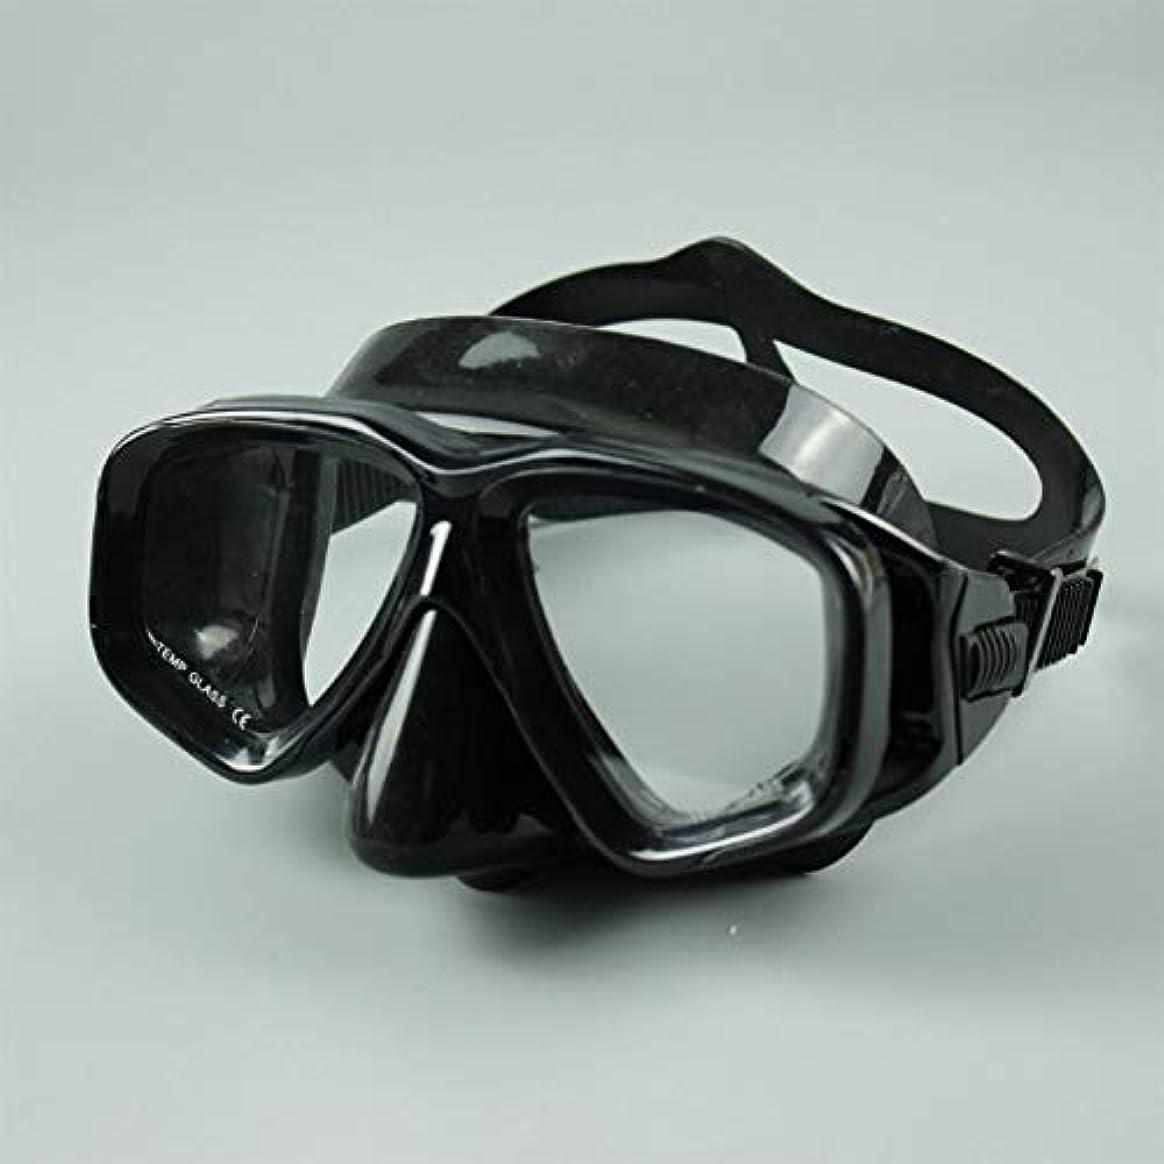 大人の黒いシリコーンの物質的な水泳のダイビングガラスの迷彩マスク g5y9k2i3rw1